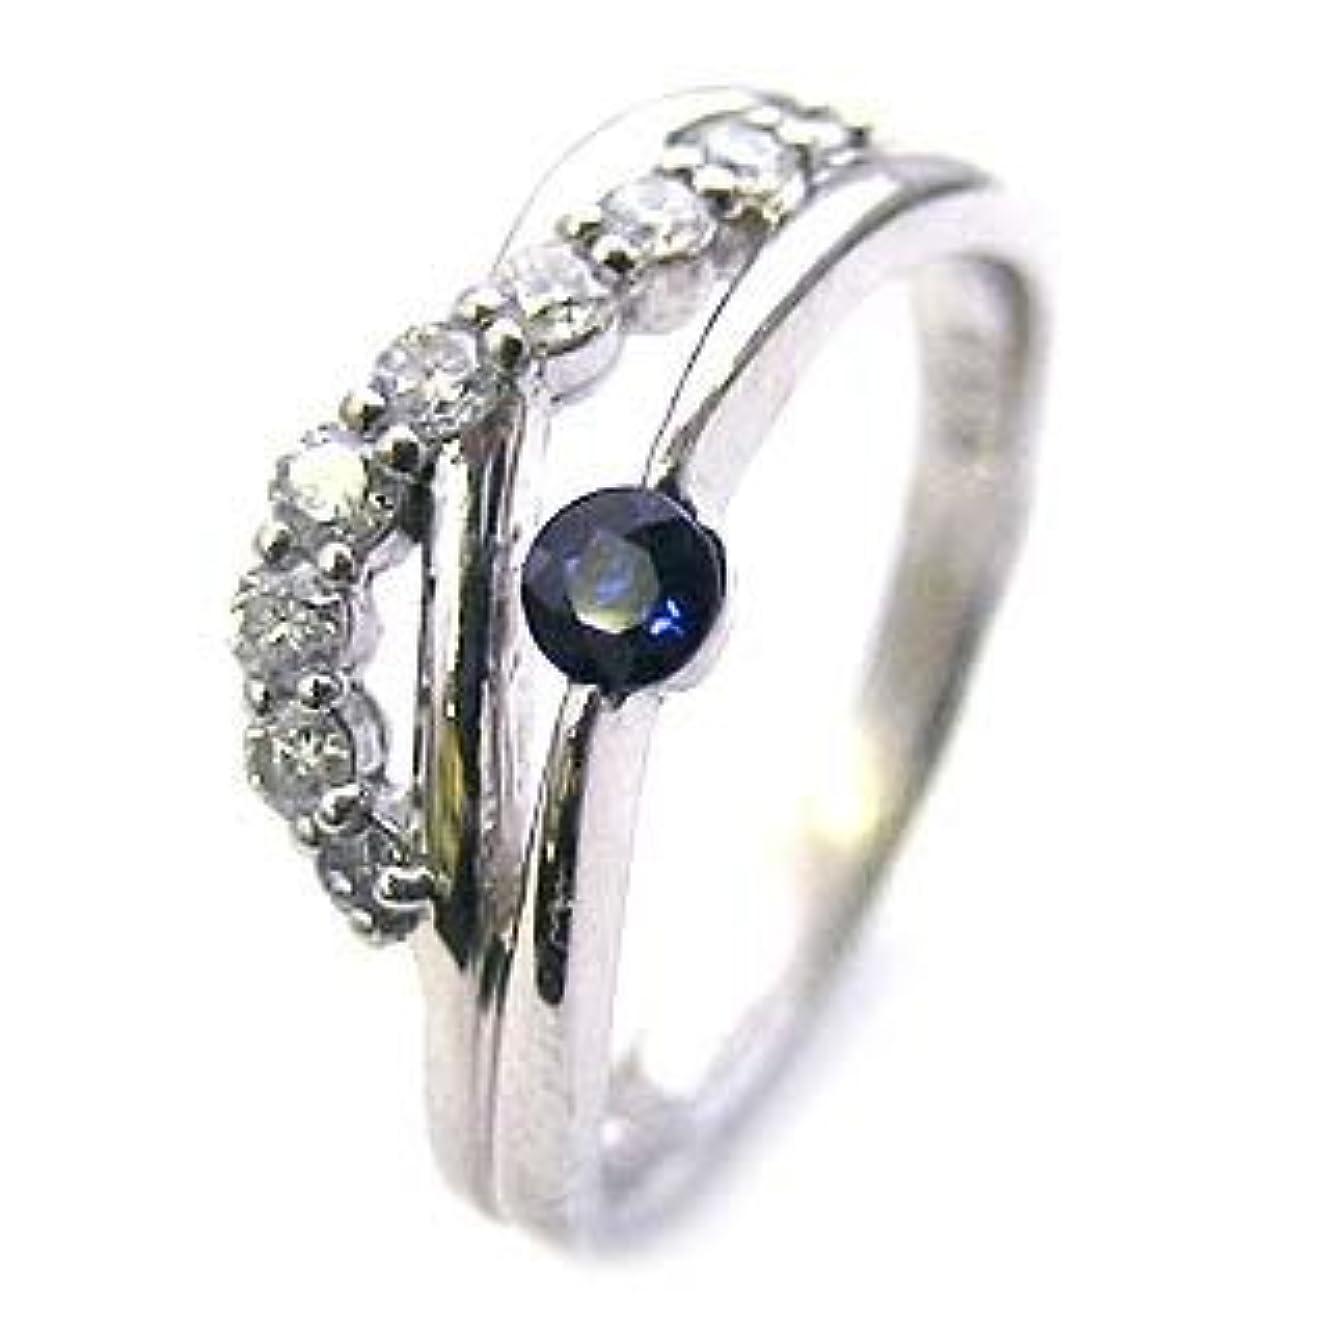 とても多くのオークランド裕福な( 婚約指輪 ) ダイヤモンド プラチナエンゲージリング( 9月誕生石 ) サファイア #14